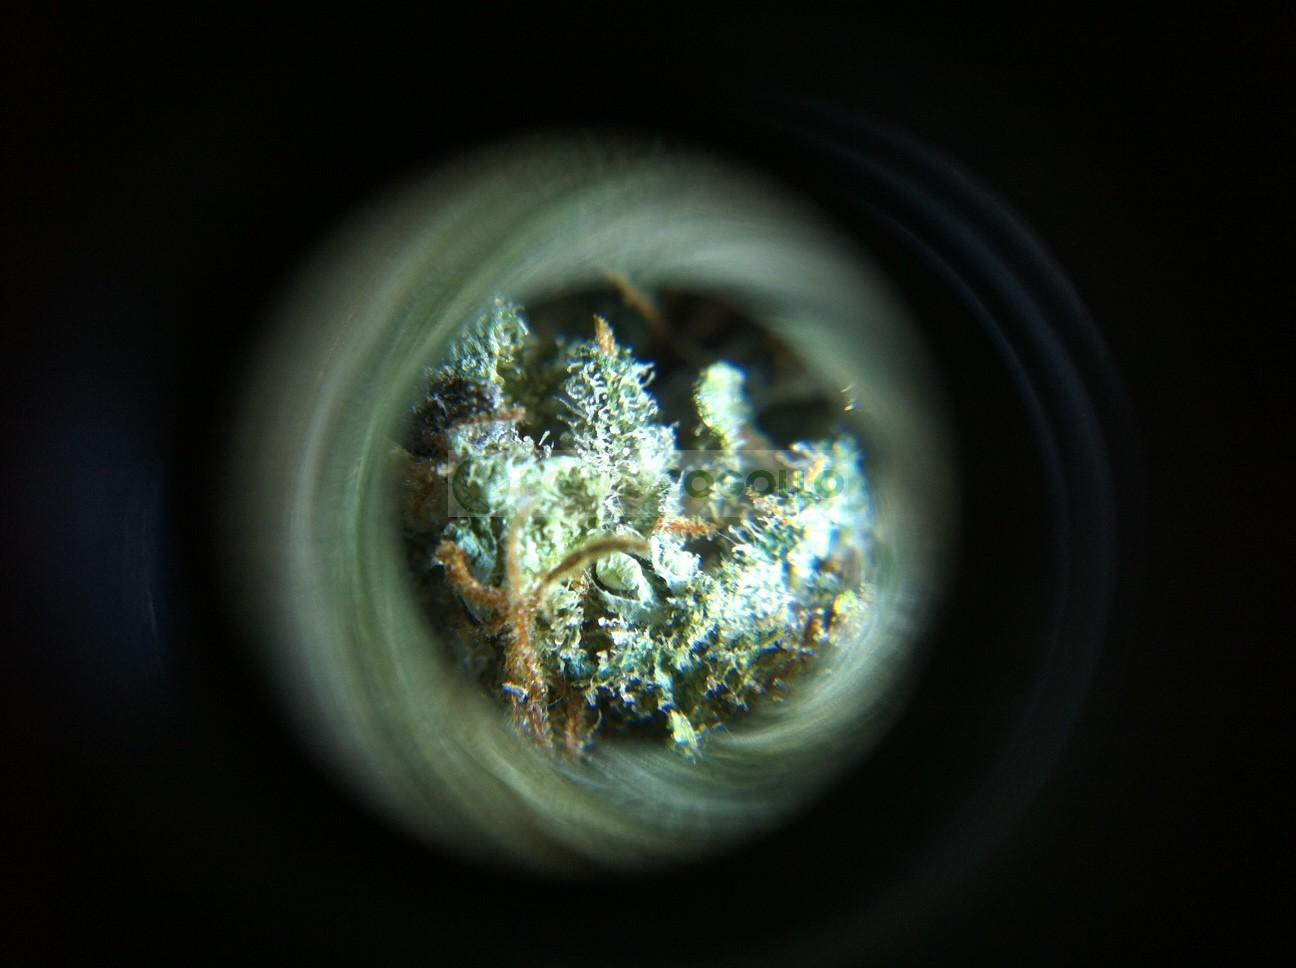 Microscopio para ver los tricomas y resina de la marihuana 0